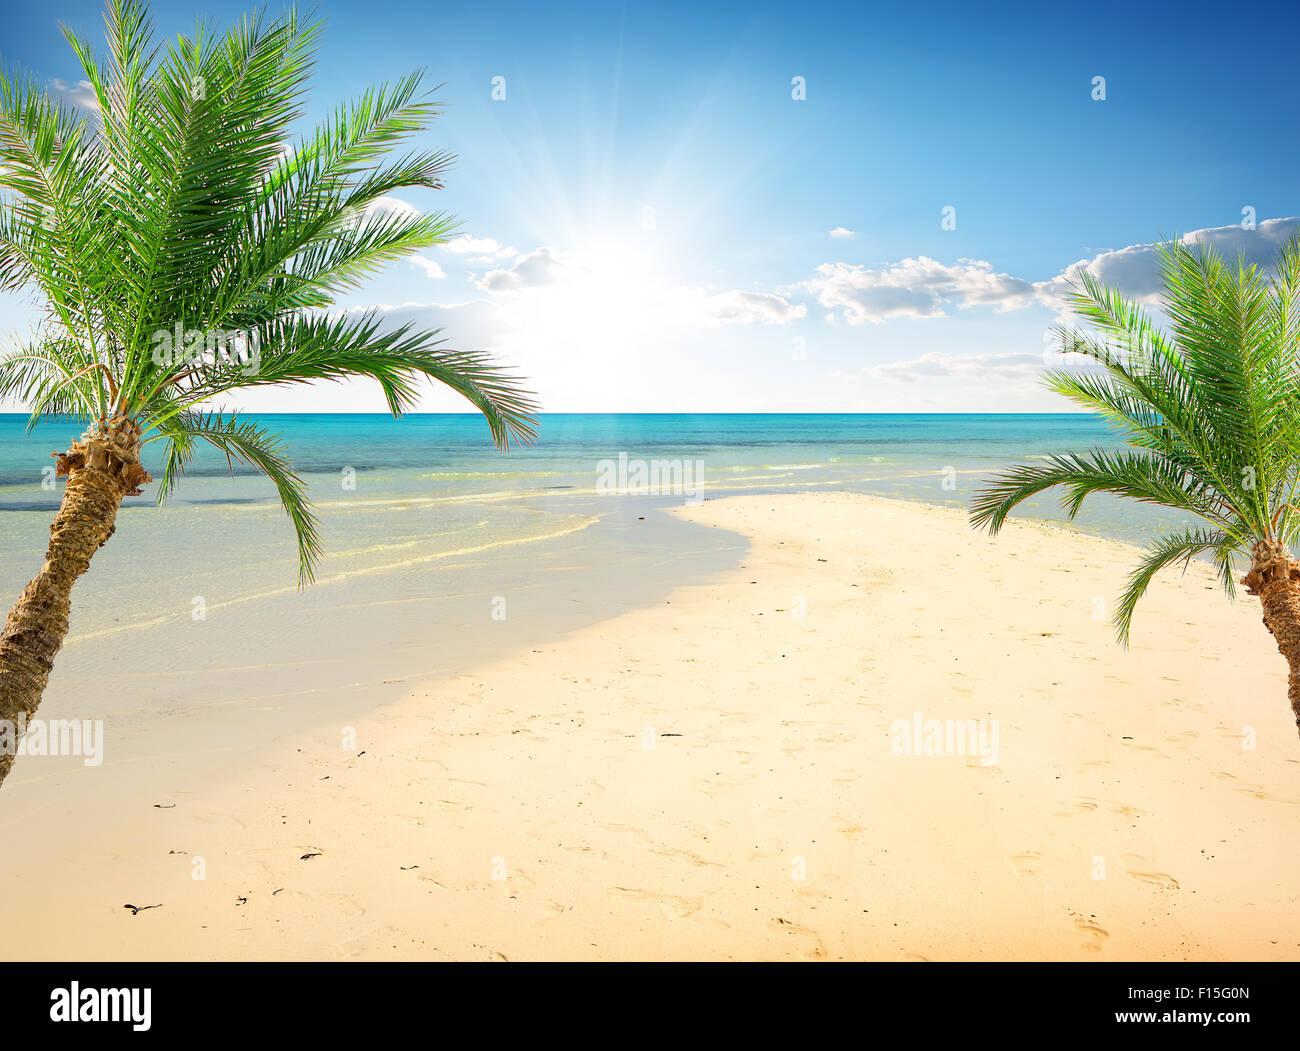 Palmiers sur la plage, près de la mer à sunny day Photo Stock